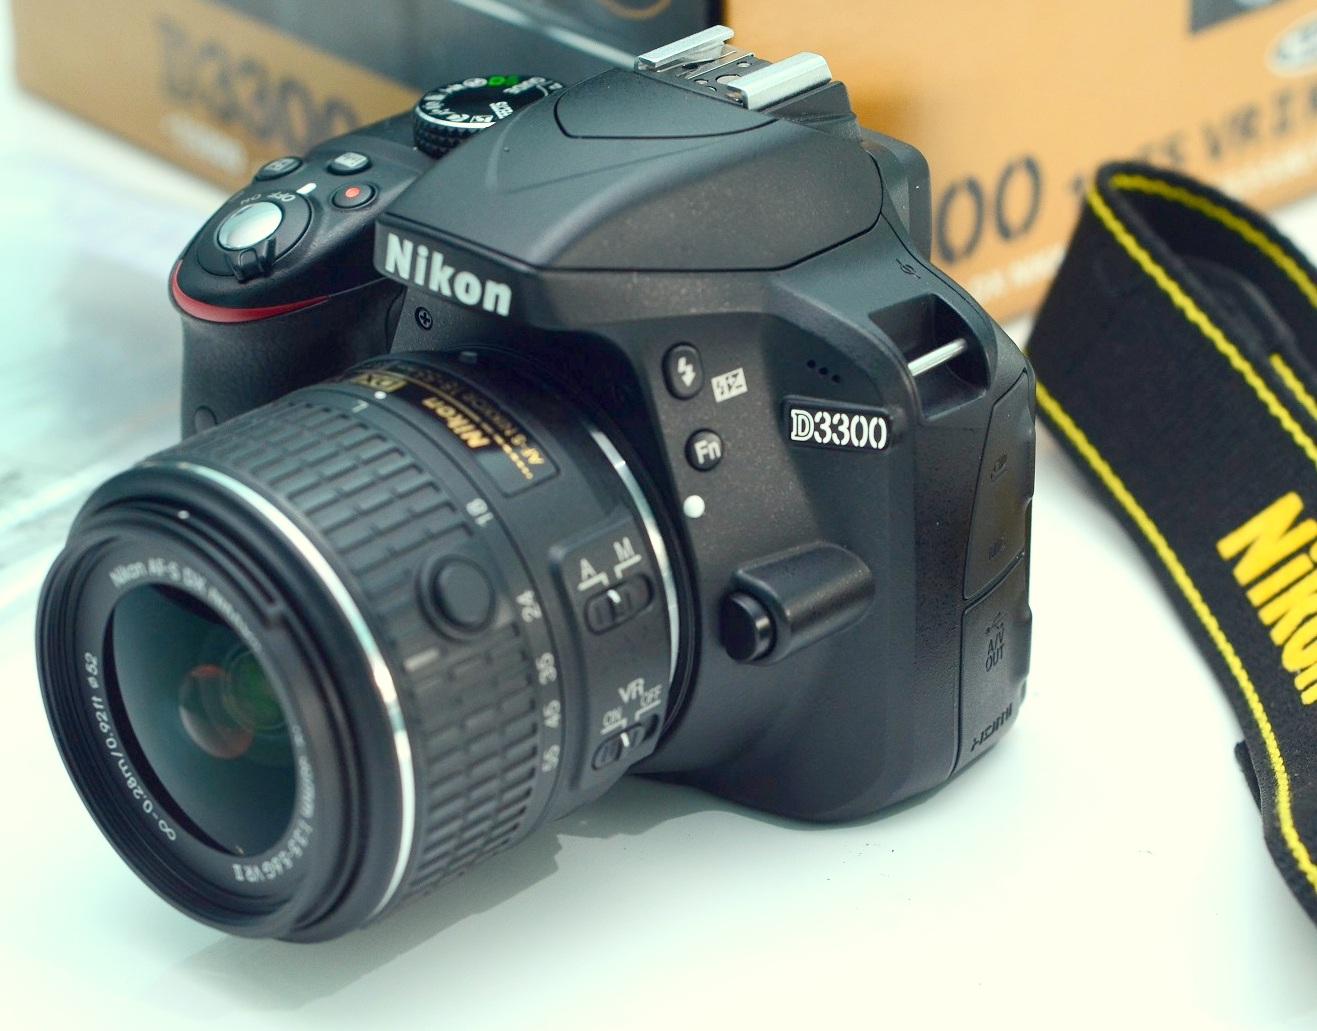 Jual nikon D3300 + lensa 18-55mm VR bekas